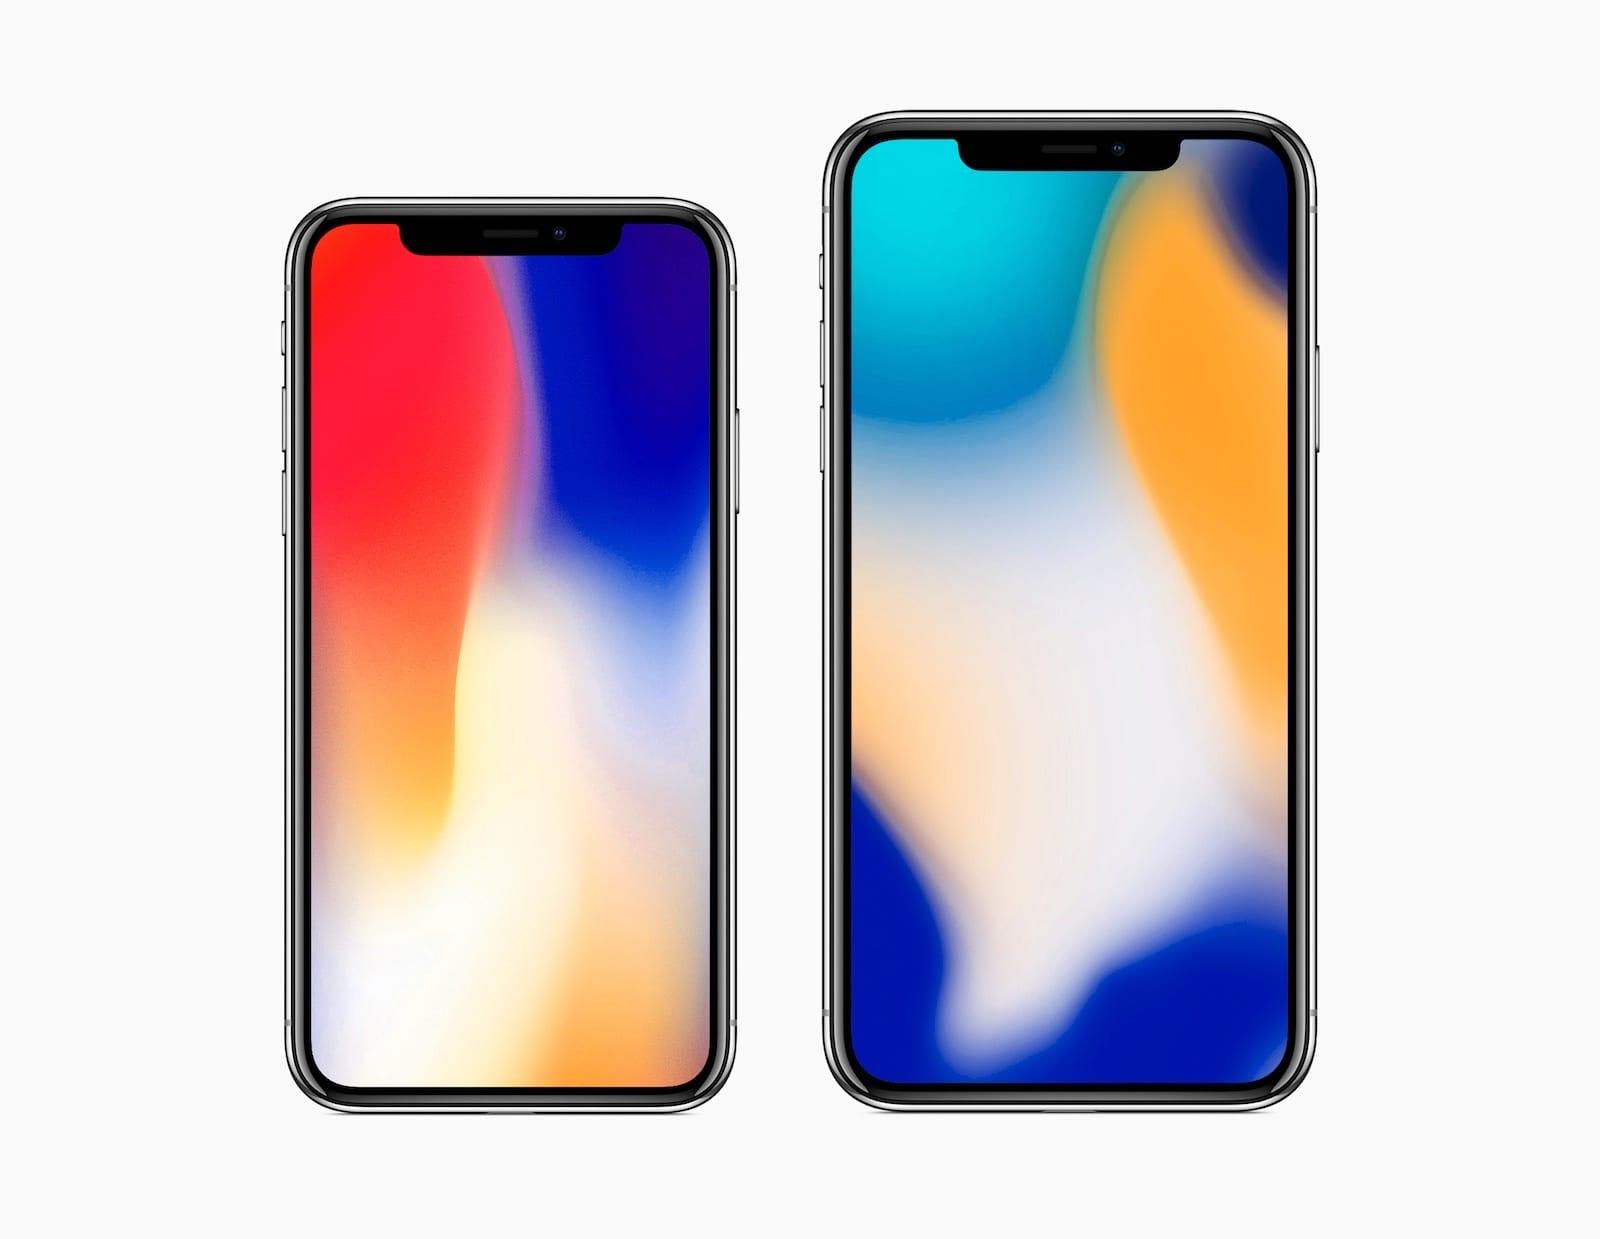 iphone x a iphone x plus